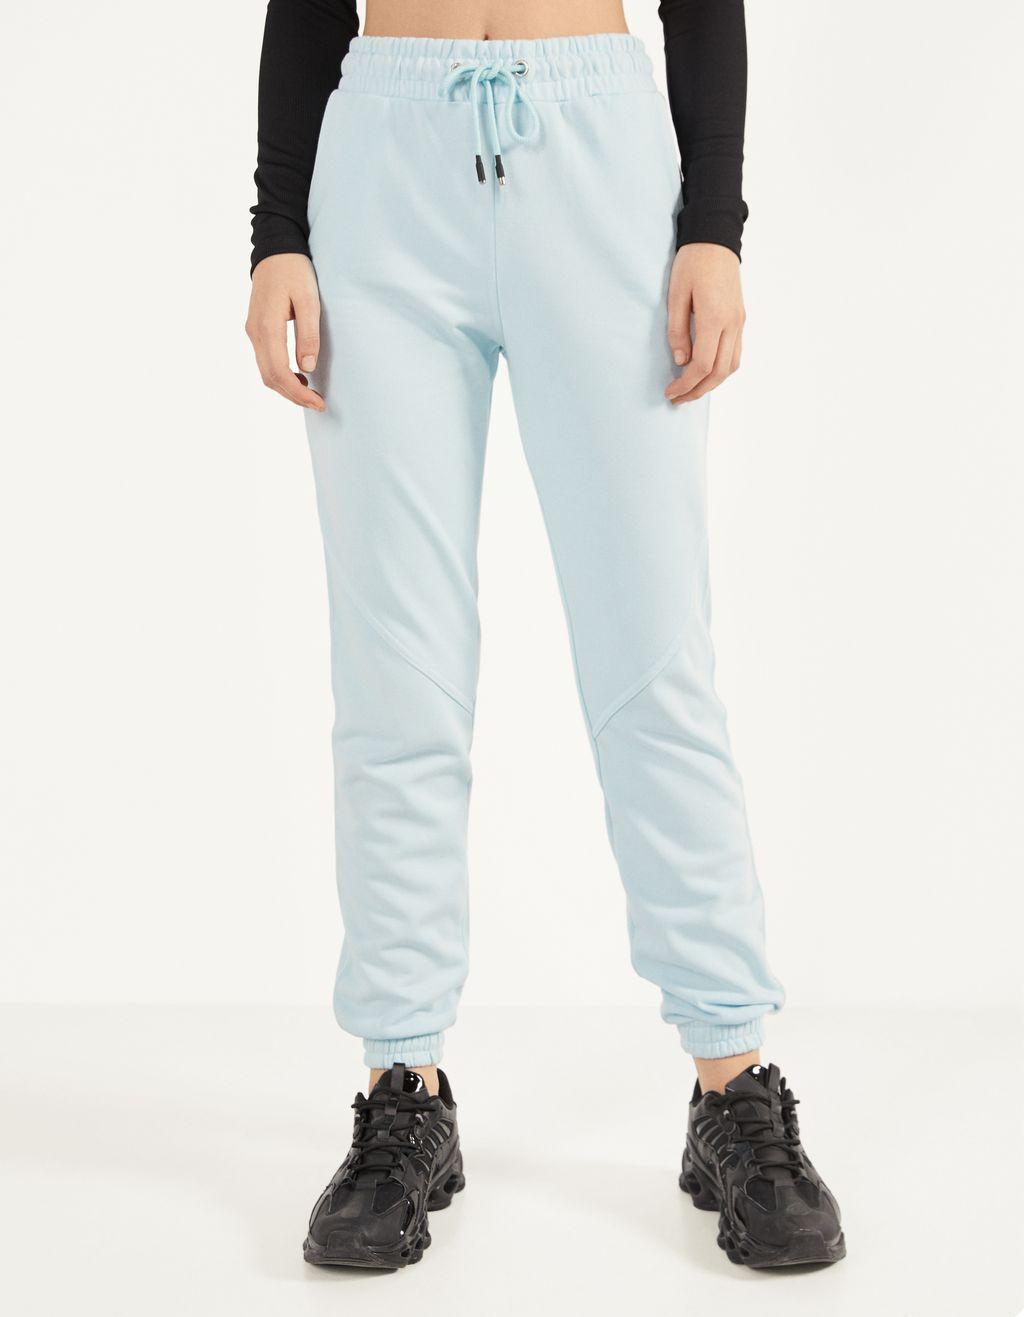 Plush jogging trousers